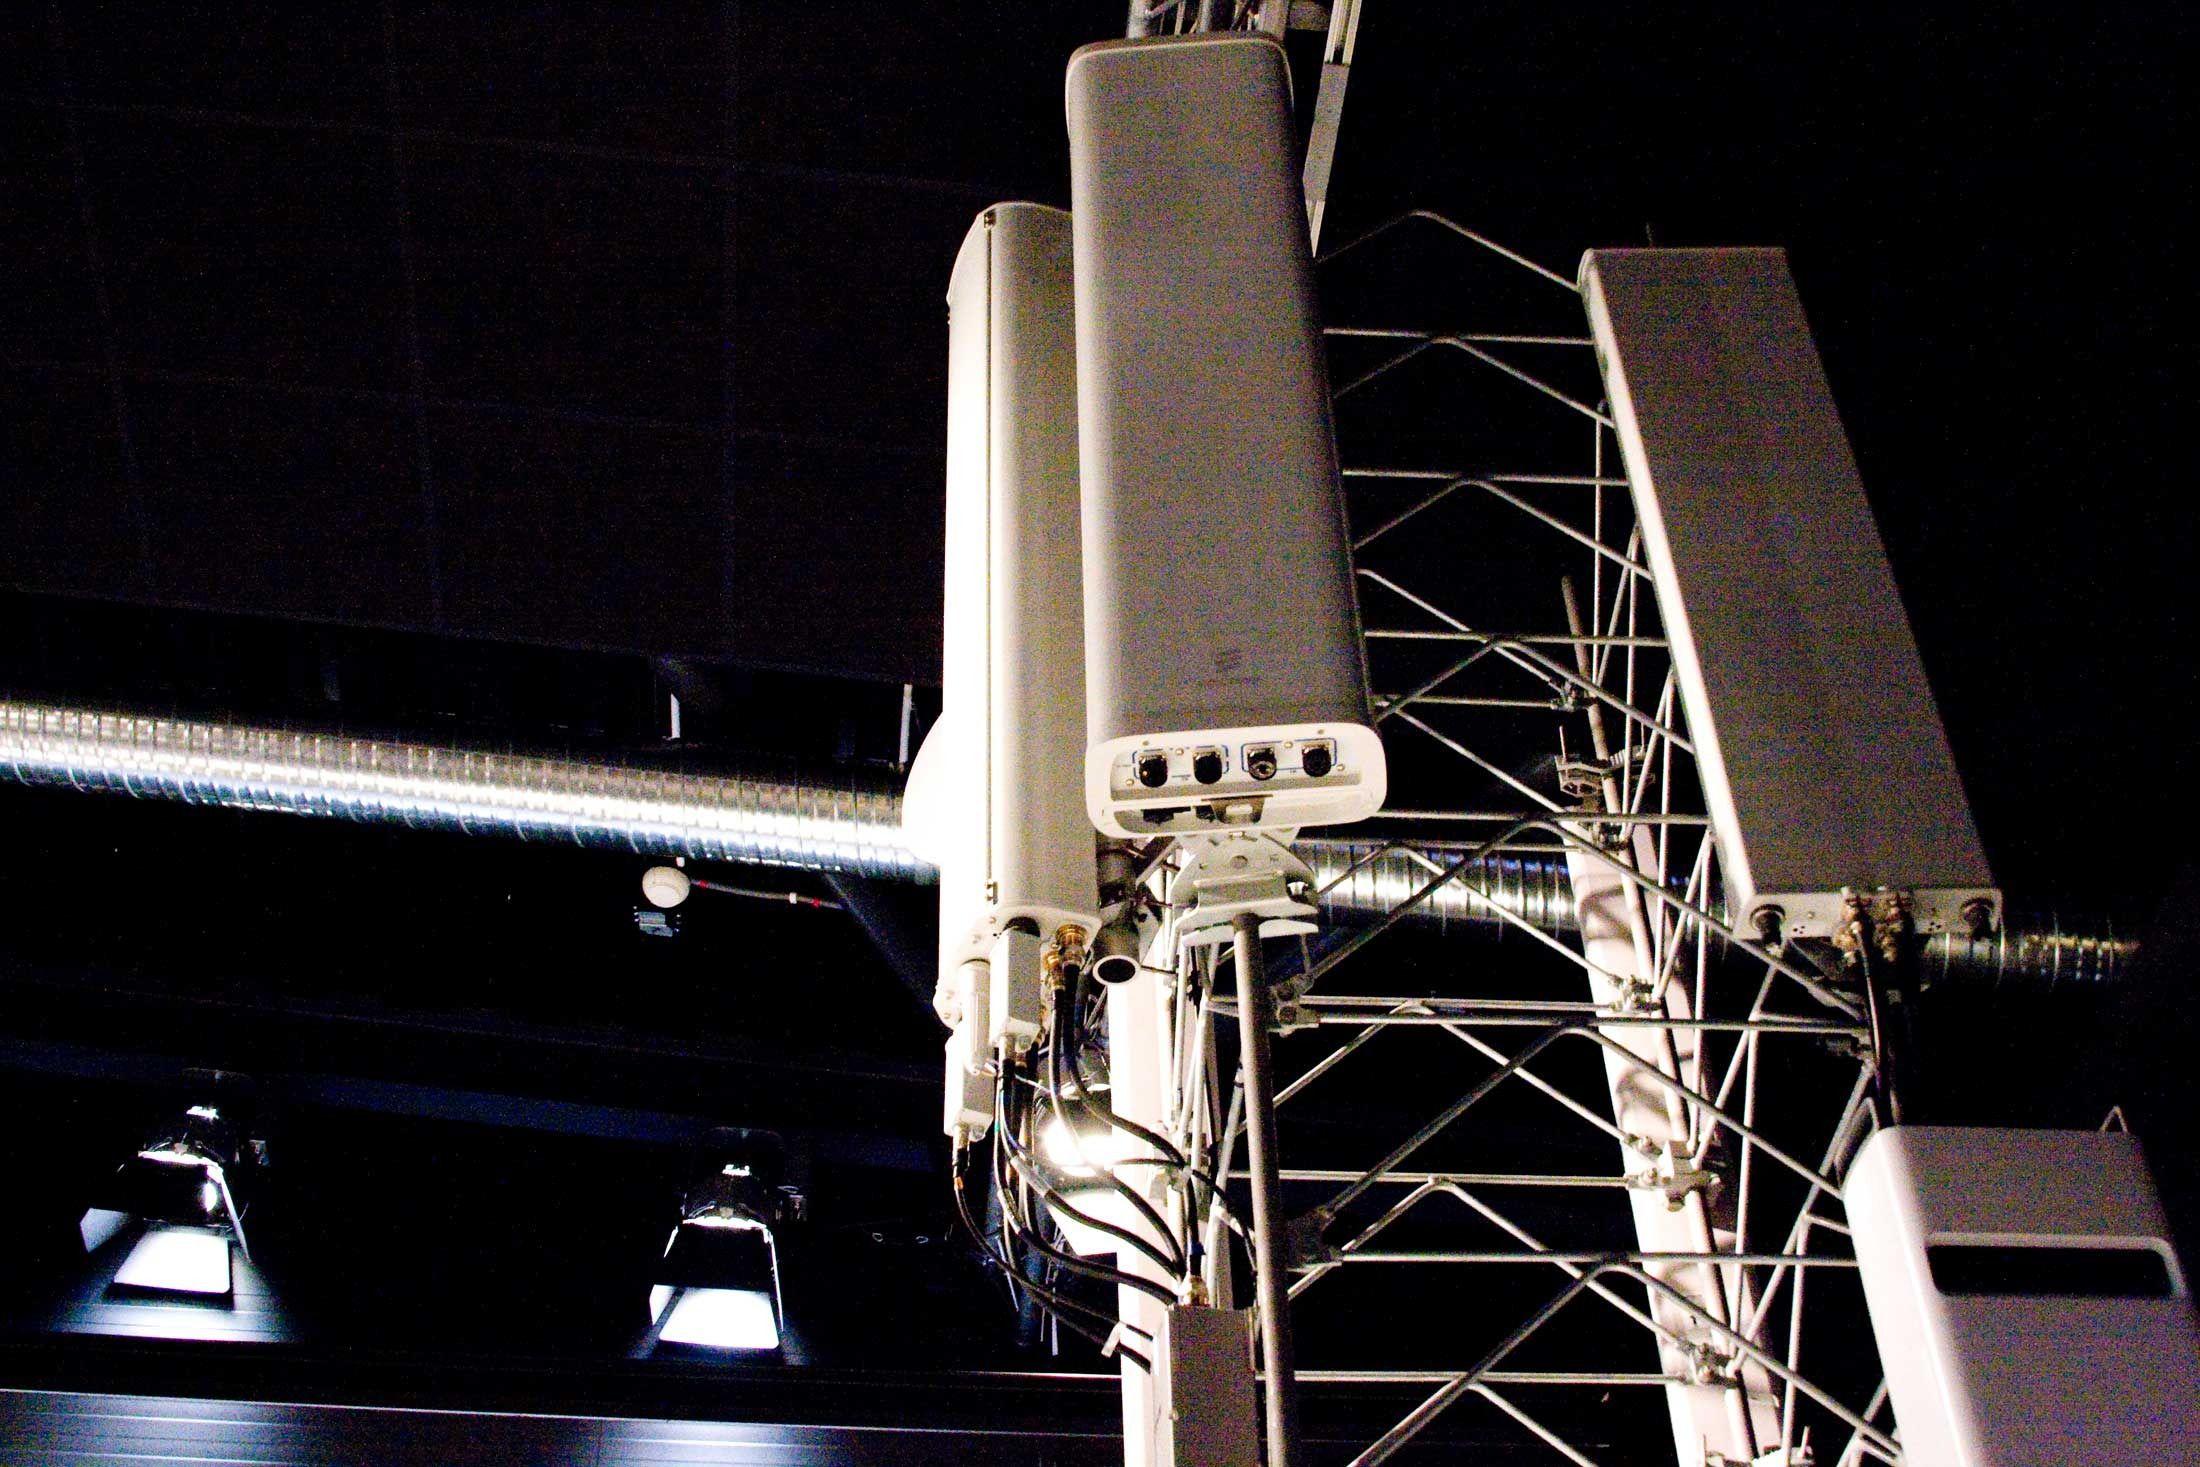 Slik kan en typisk mobilbasestasjon se ut. Foto: Håvard Fossen, Insidetelecom.no